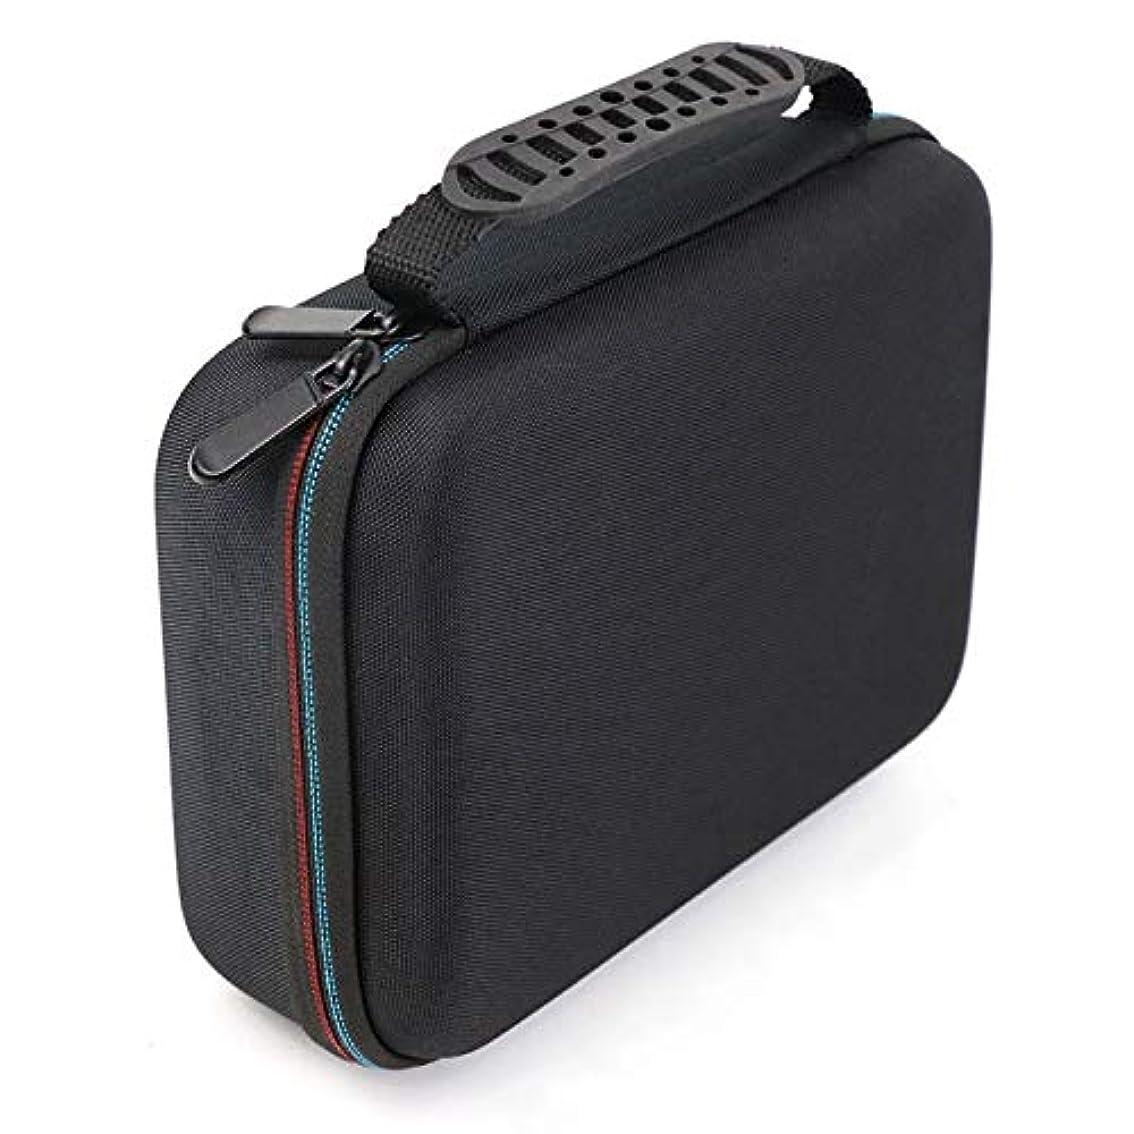 ピーク何安心させるACAMPTAR バリカンの収納ケース、携帯用ケース、耐衝撃バッグ、シェーバーのキット、Evaハードケース、収納バッグ、 Mgk3020/3060/3080用